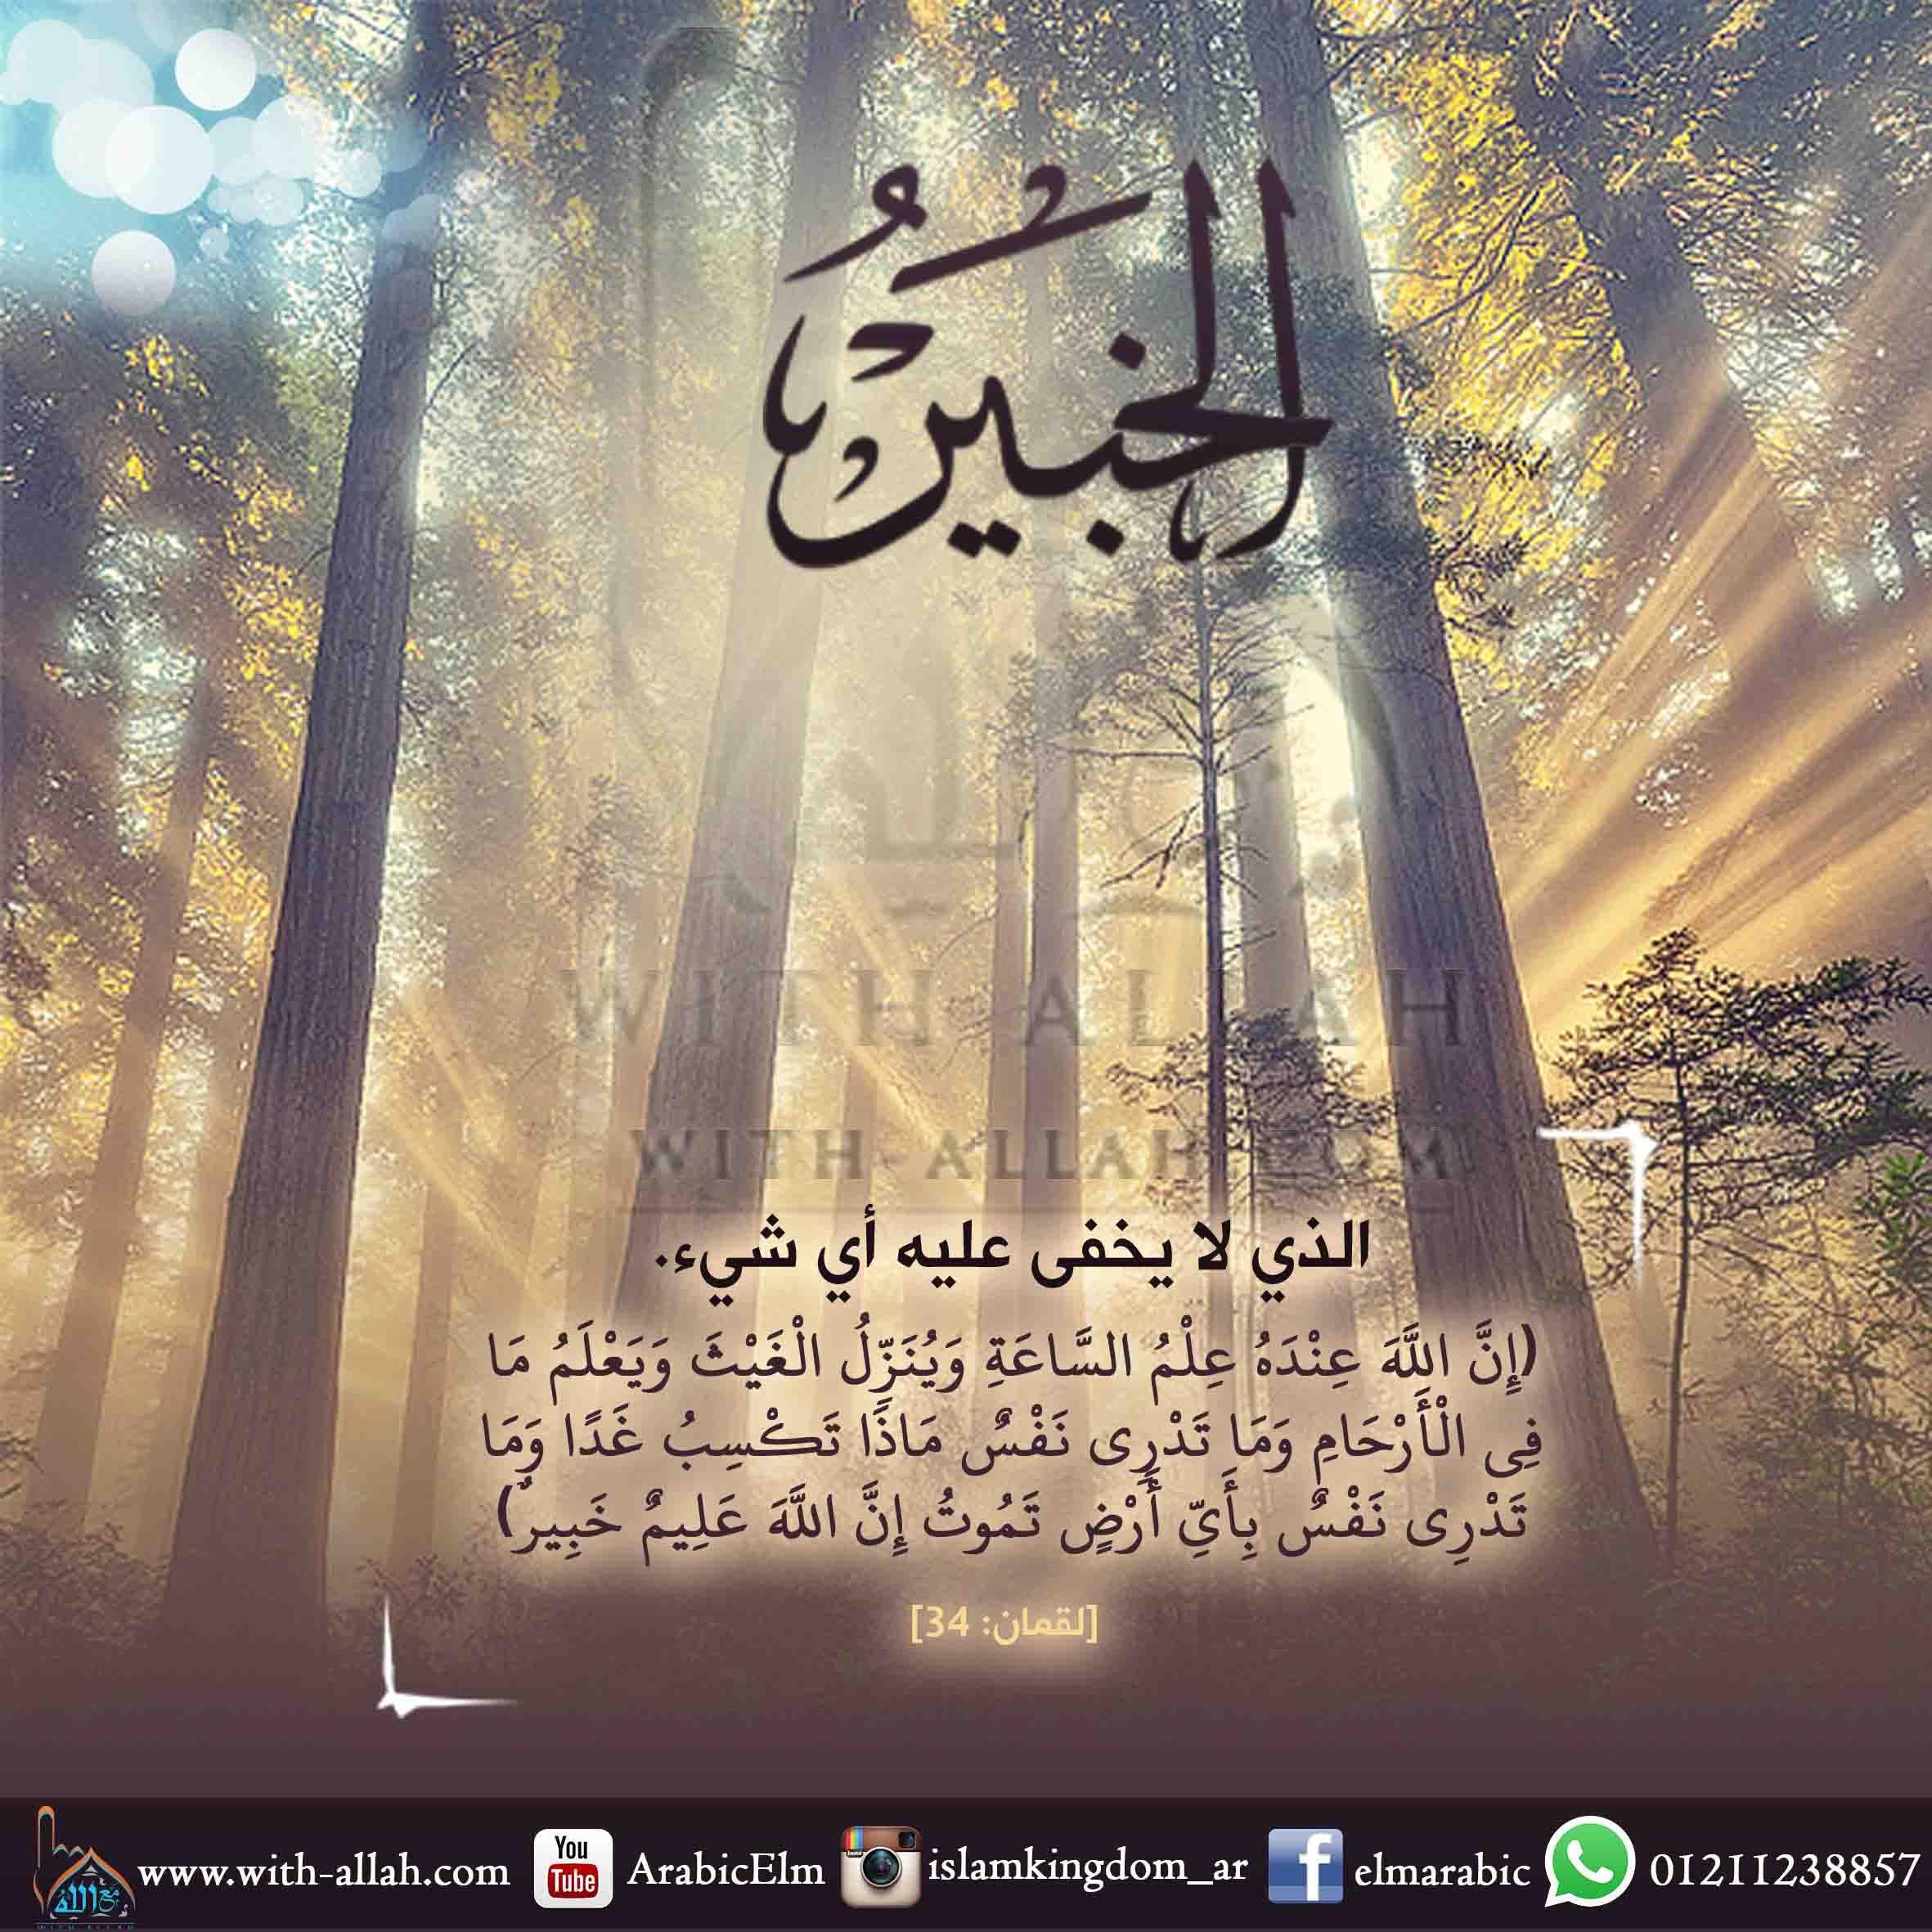 أسماء الله الحسنى Www With Allah Com Ar تعرف على الله بأسماءه وصفاته أهمية العلم بأسماء الله وصفاته Aspx Allah Book Cover